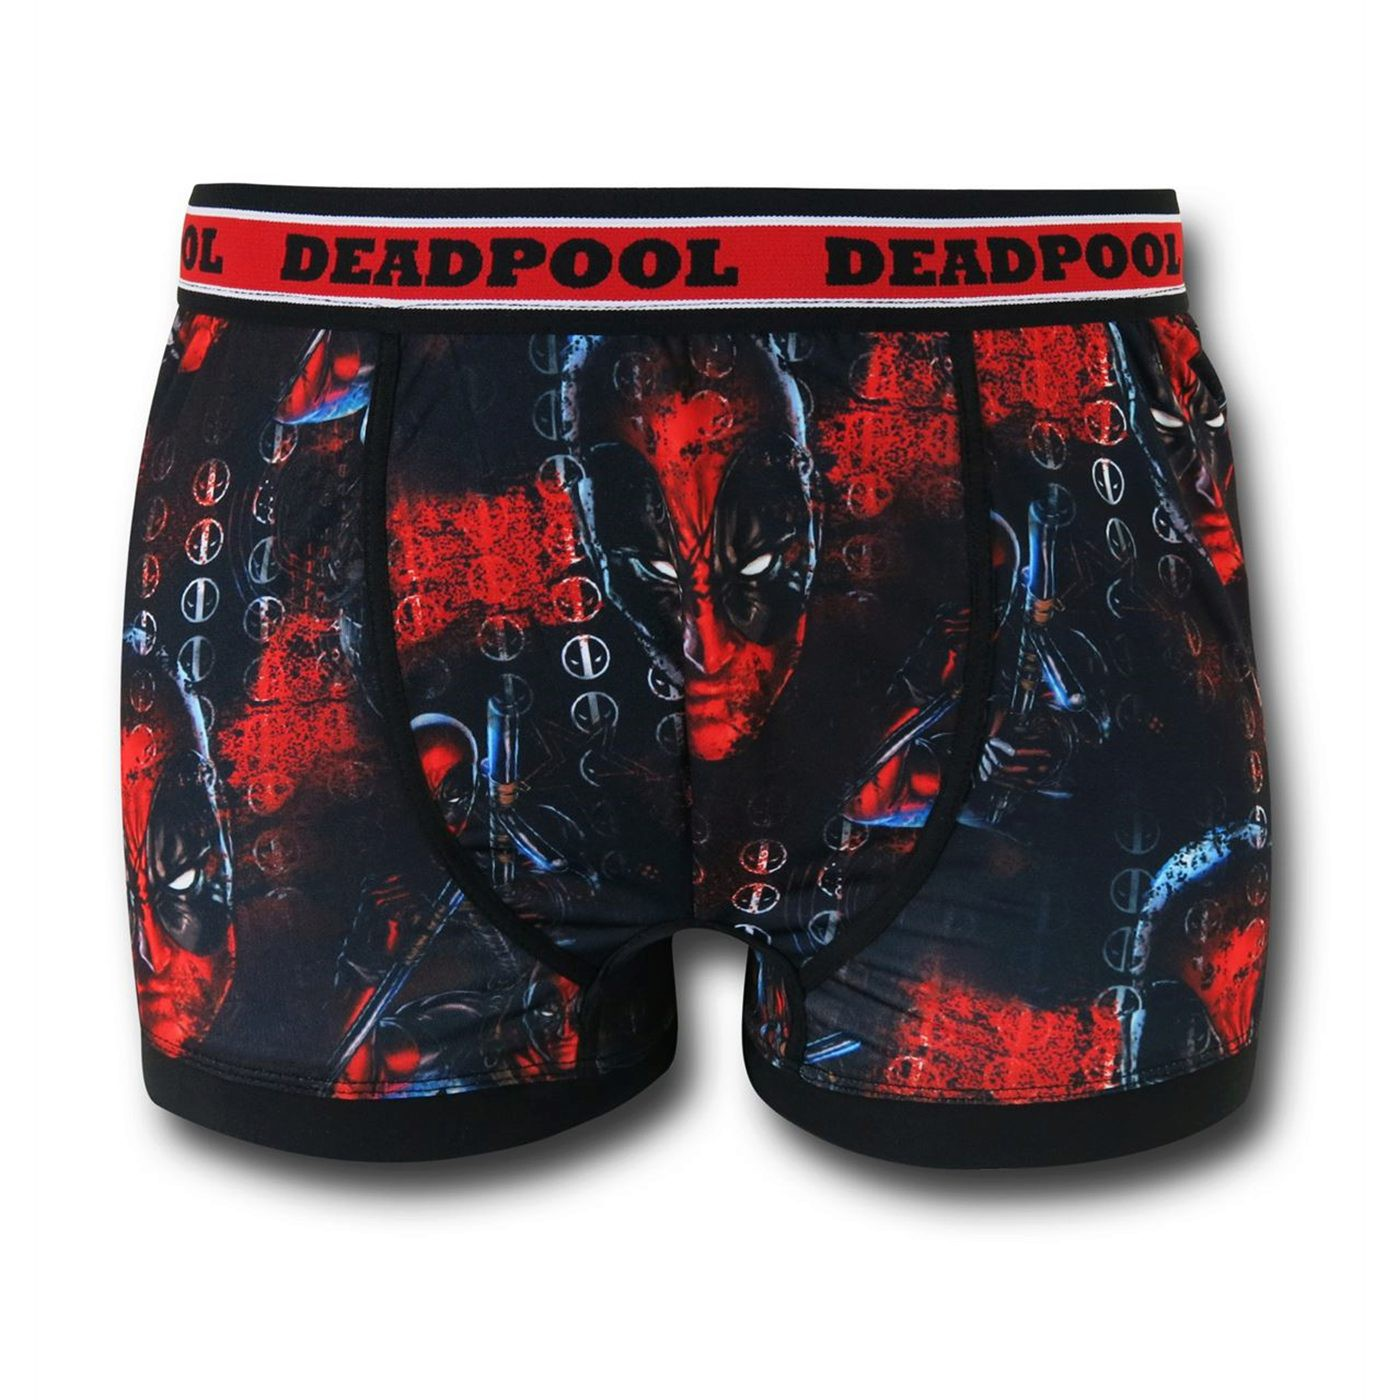 Deadpool Sublimated Men's Boxer Briefs